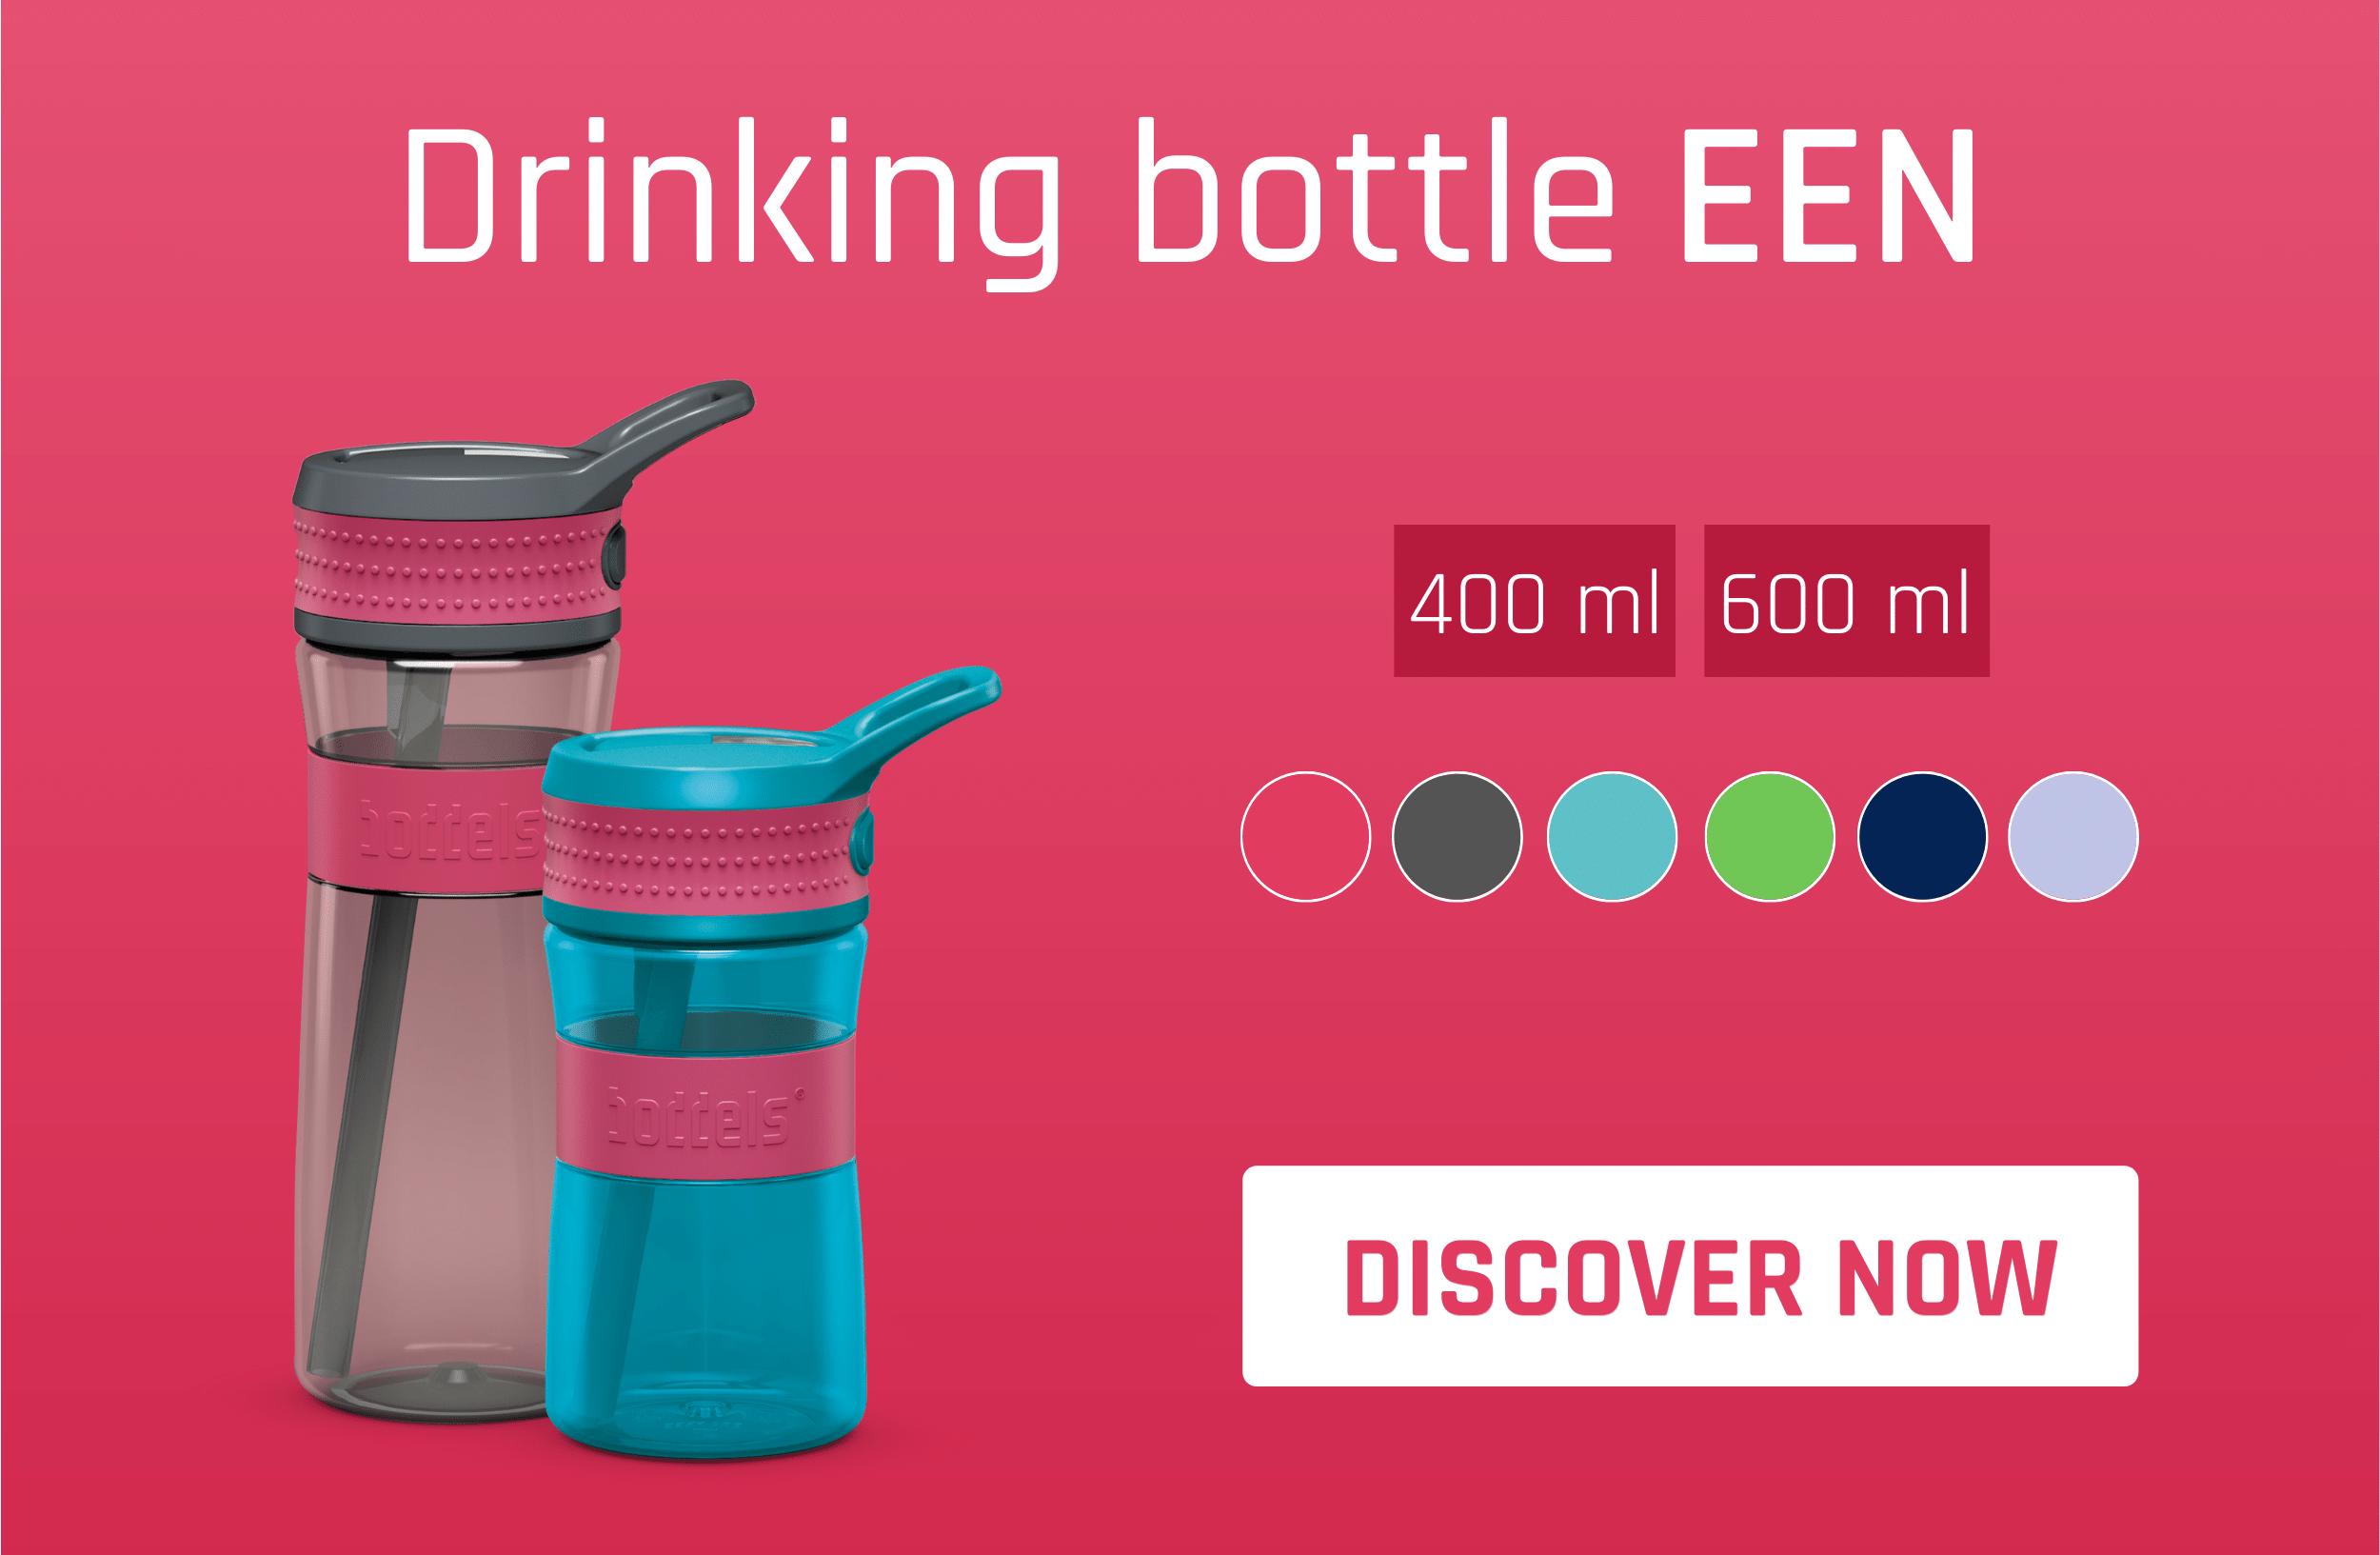 Drinking bottles EEN